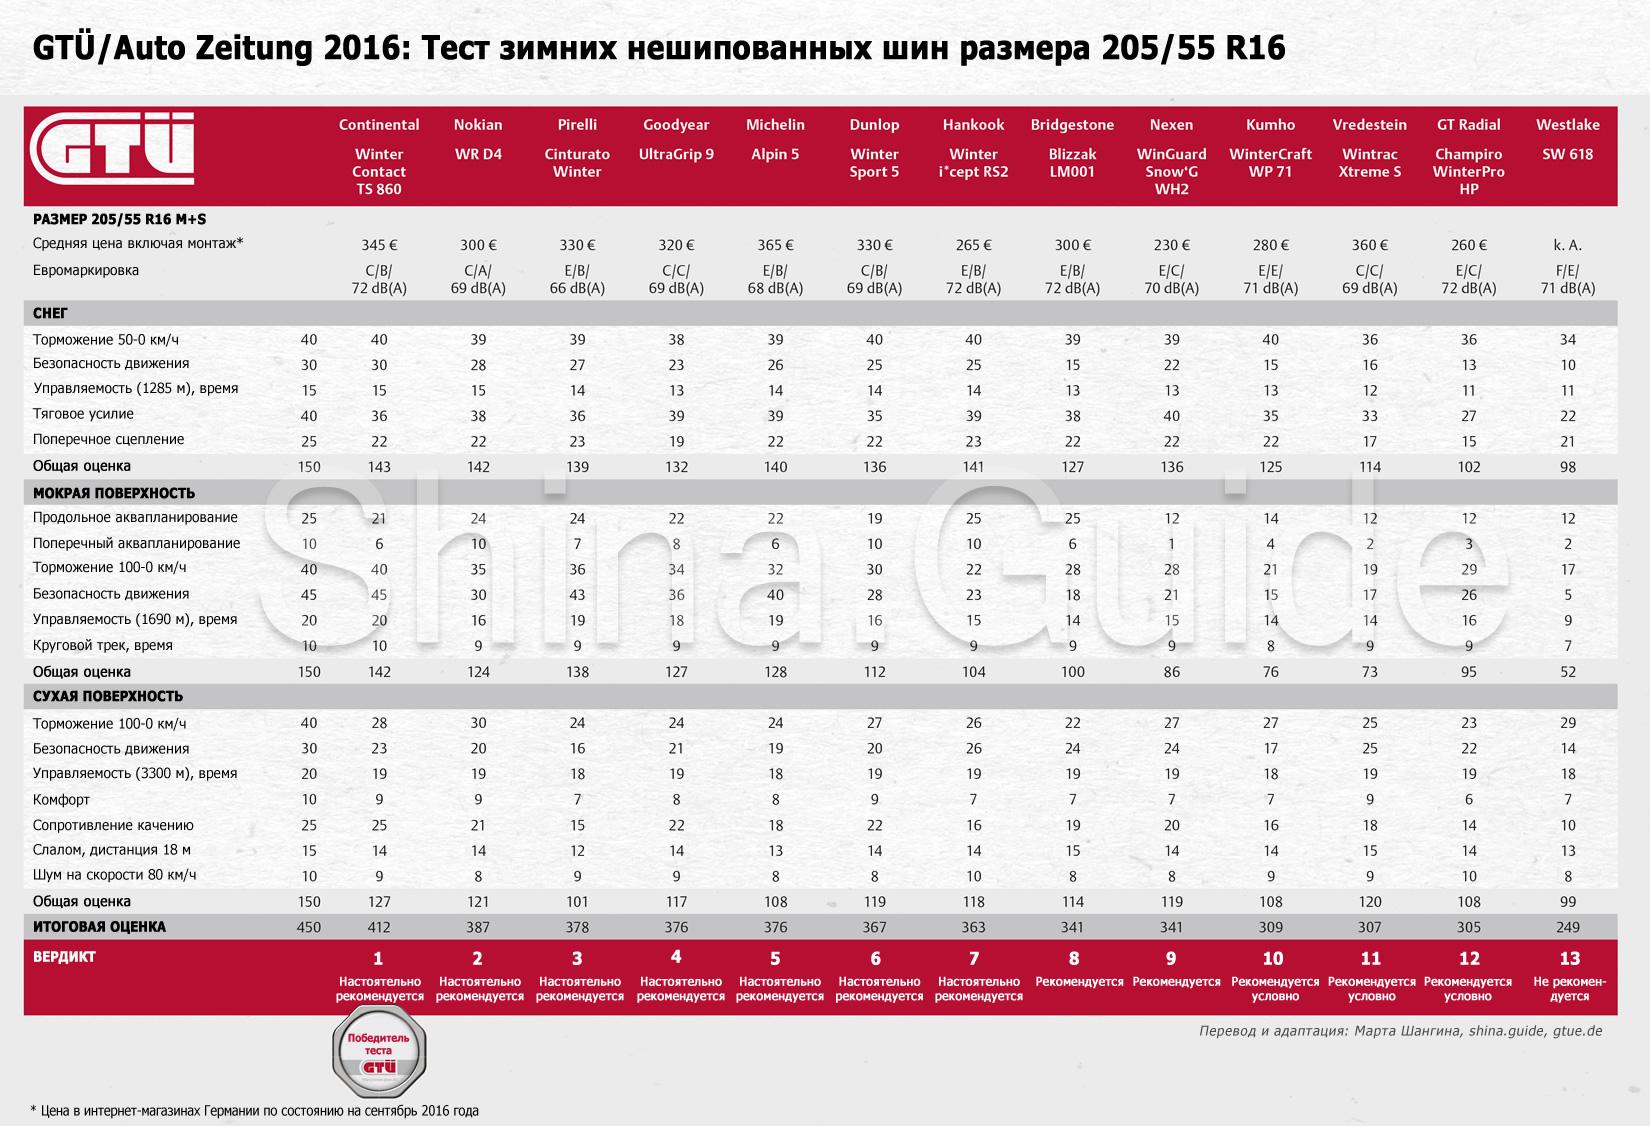 Тест зимних шин 2016: Таблица результатов испытаний GTÜ/Auto Zeitung